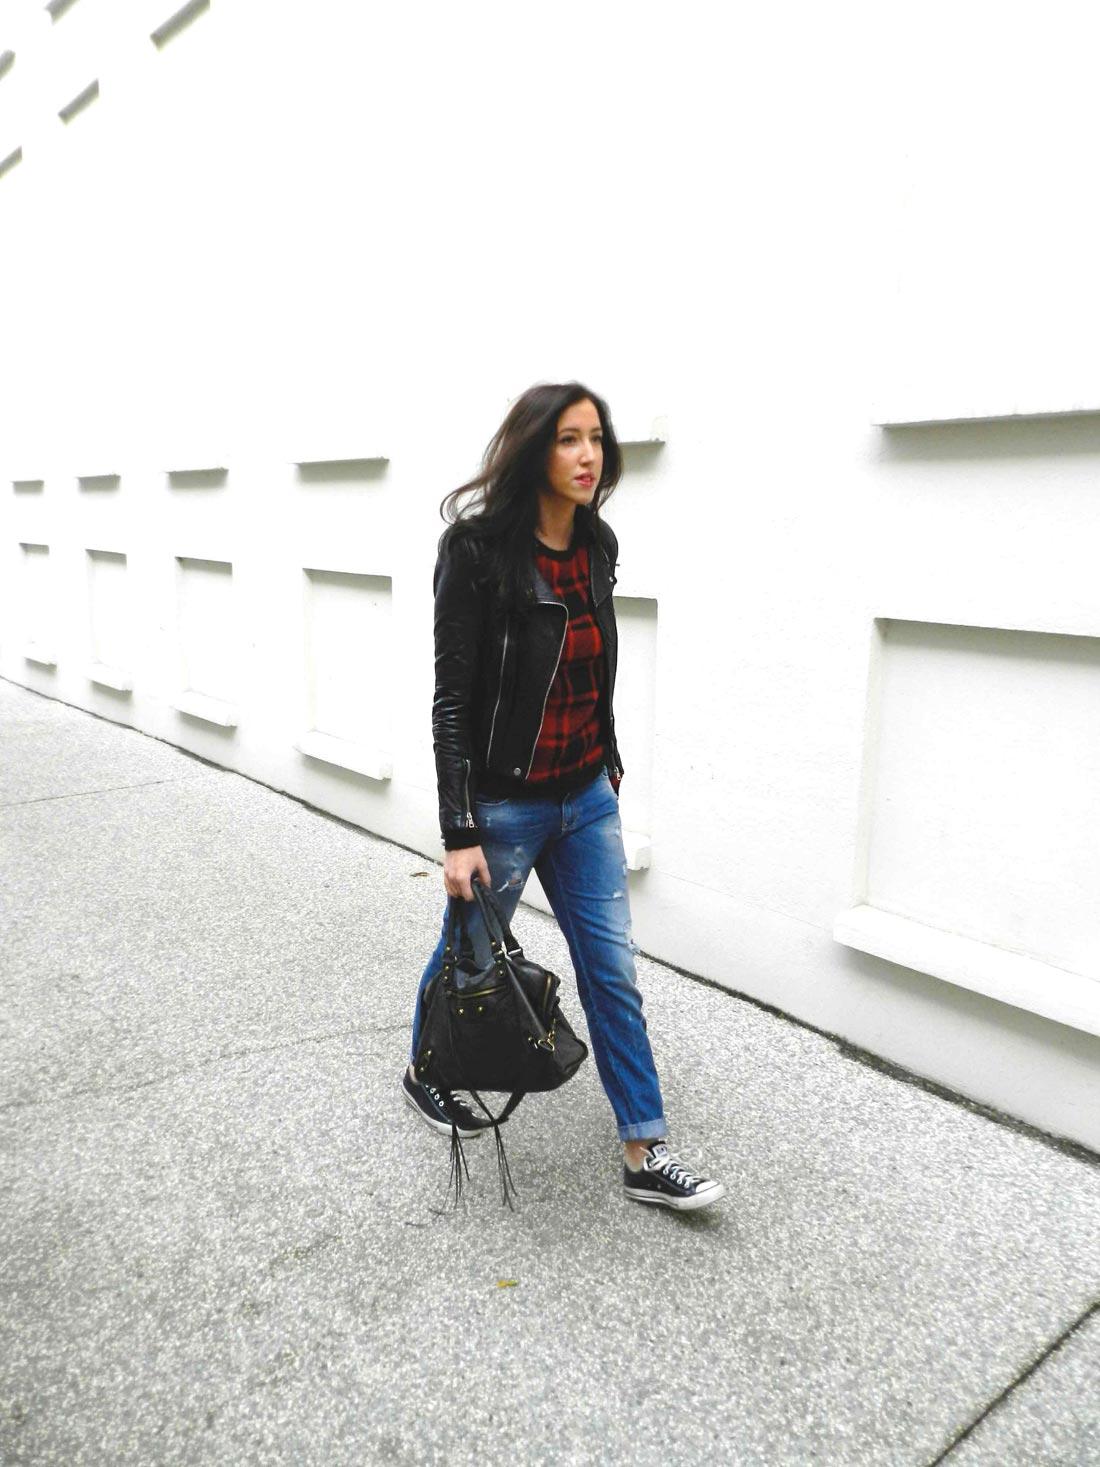 BoyfriendStreet Style Comment Gypset PhotosEly Porter Jeans Un hdtQrsxC